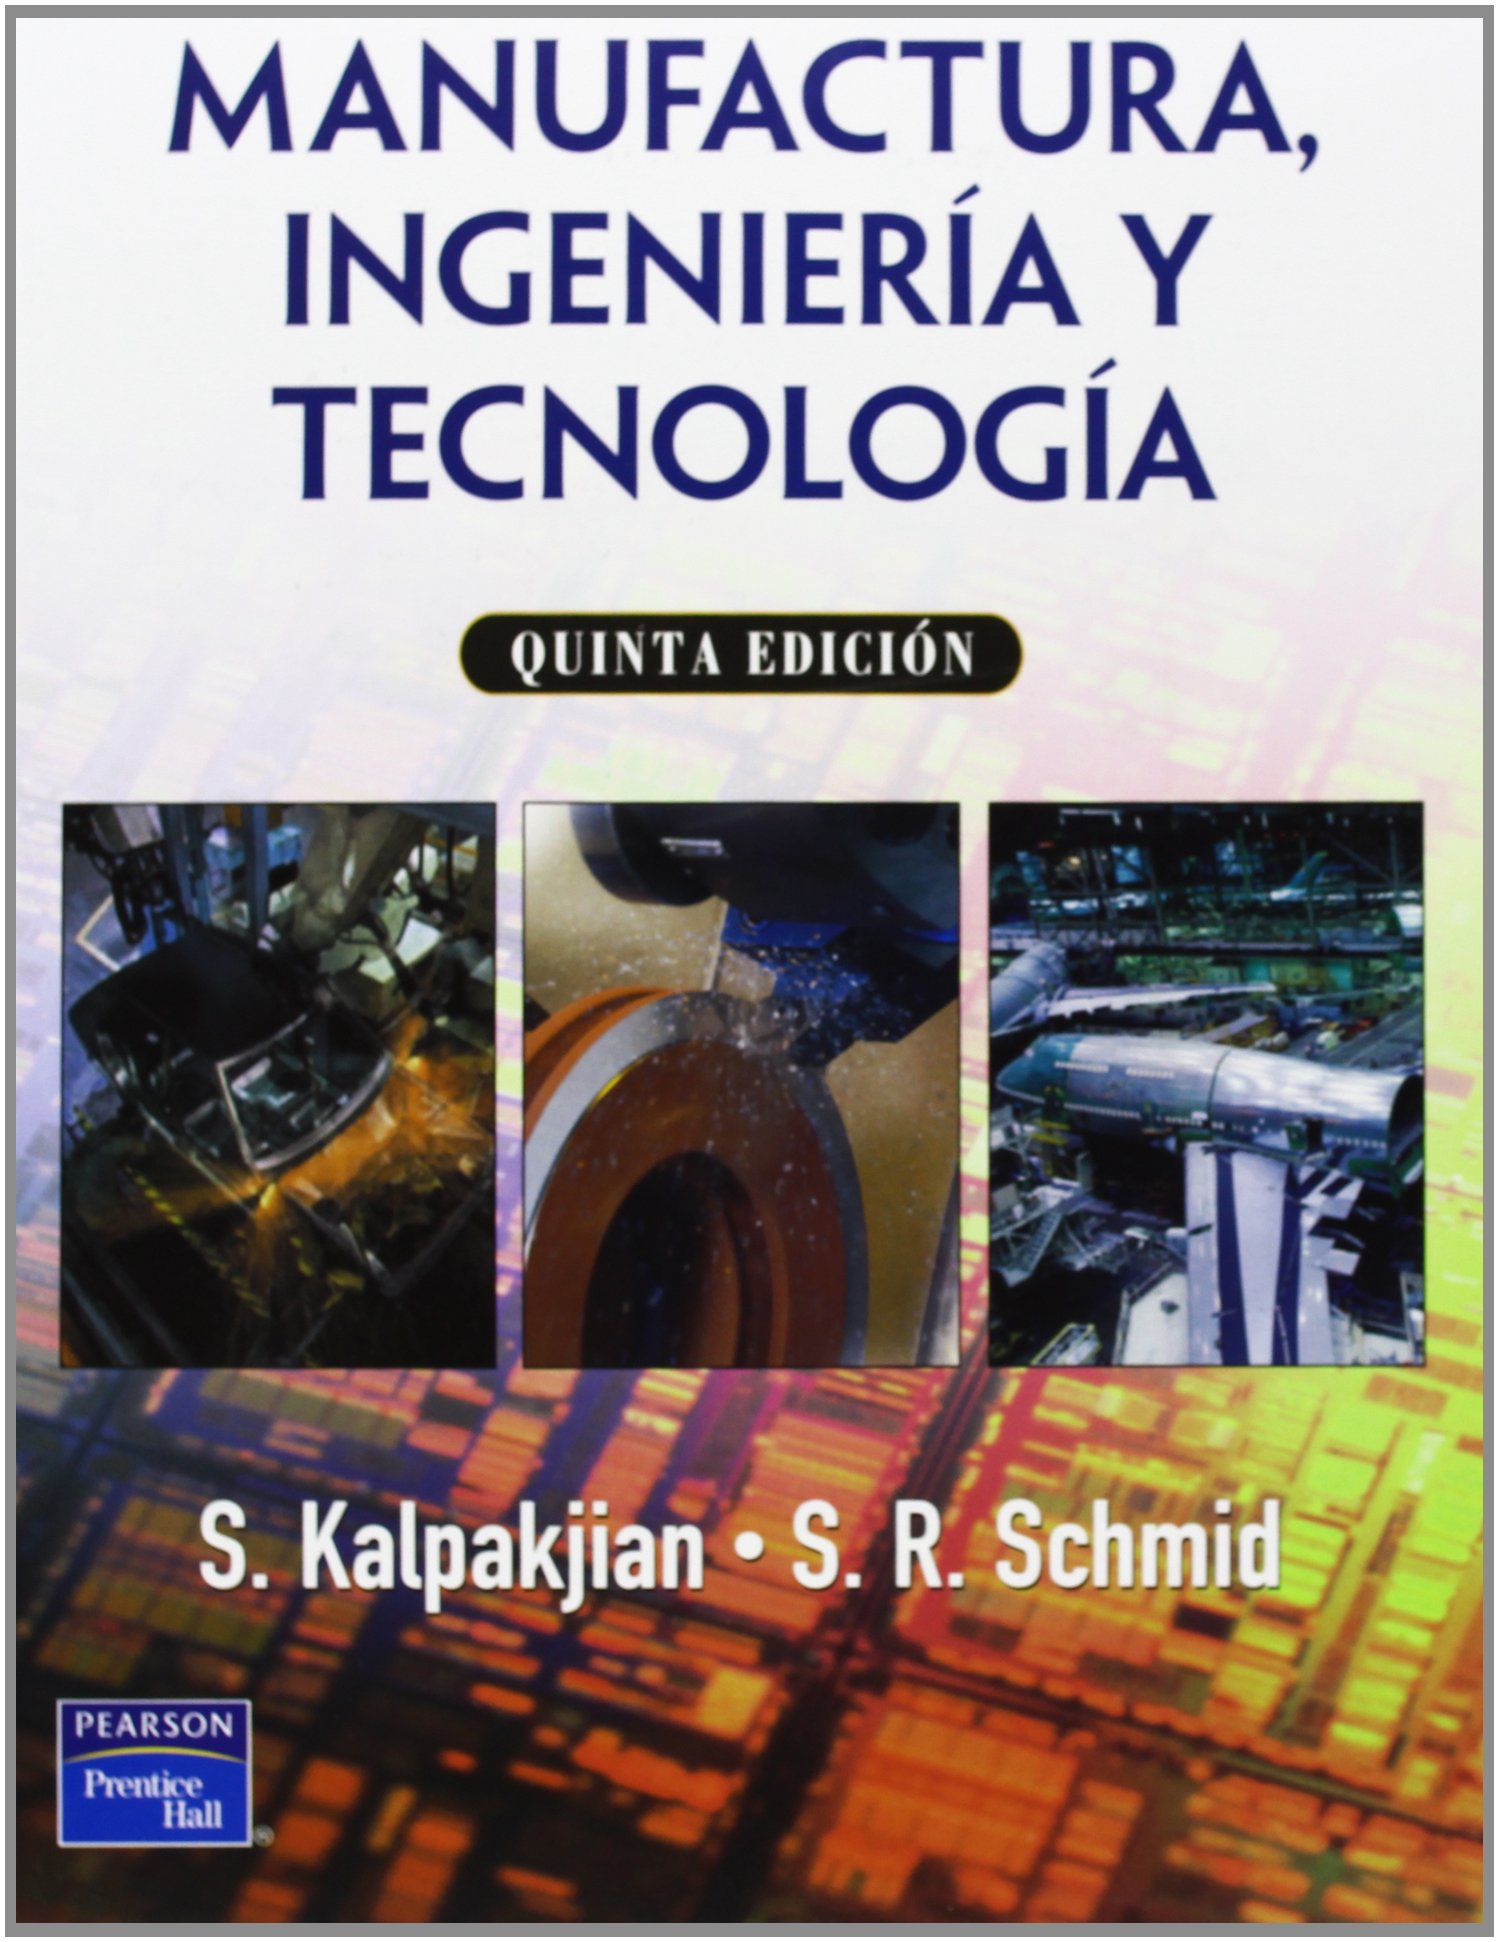 Libros del pobre manufactura ingenier a y tecnolog a s for Libros de botanica pdf